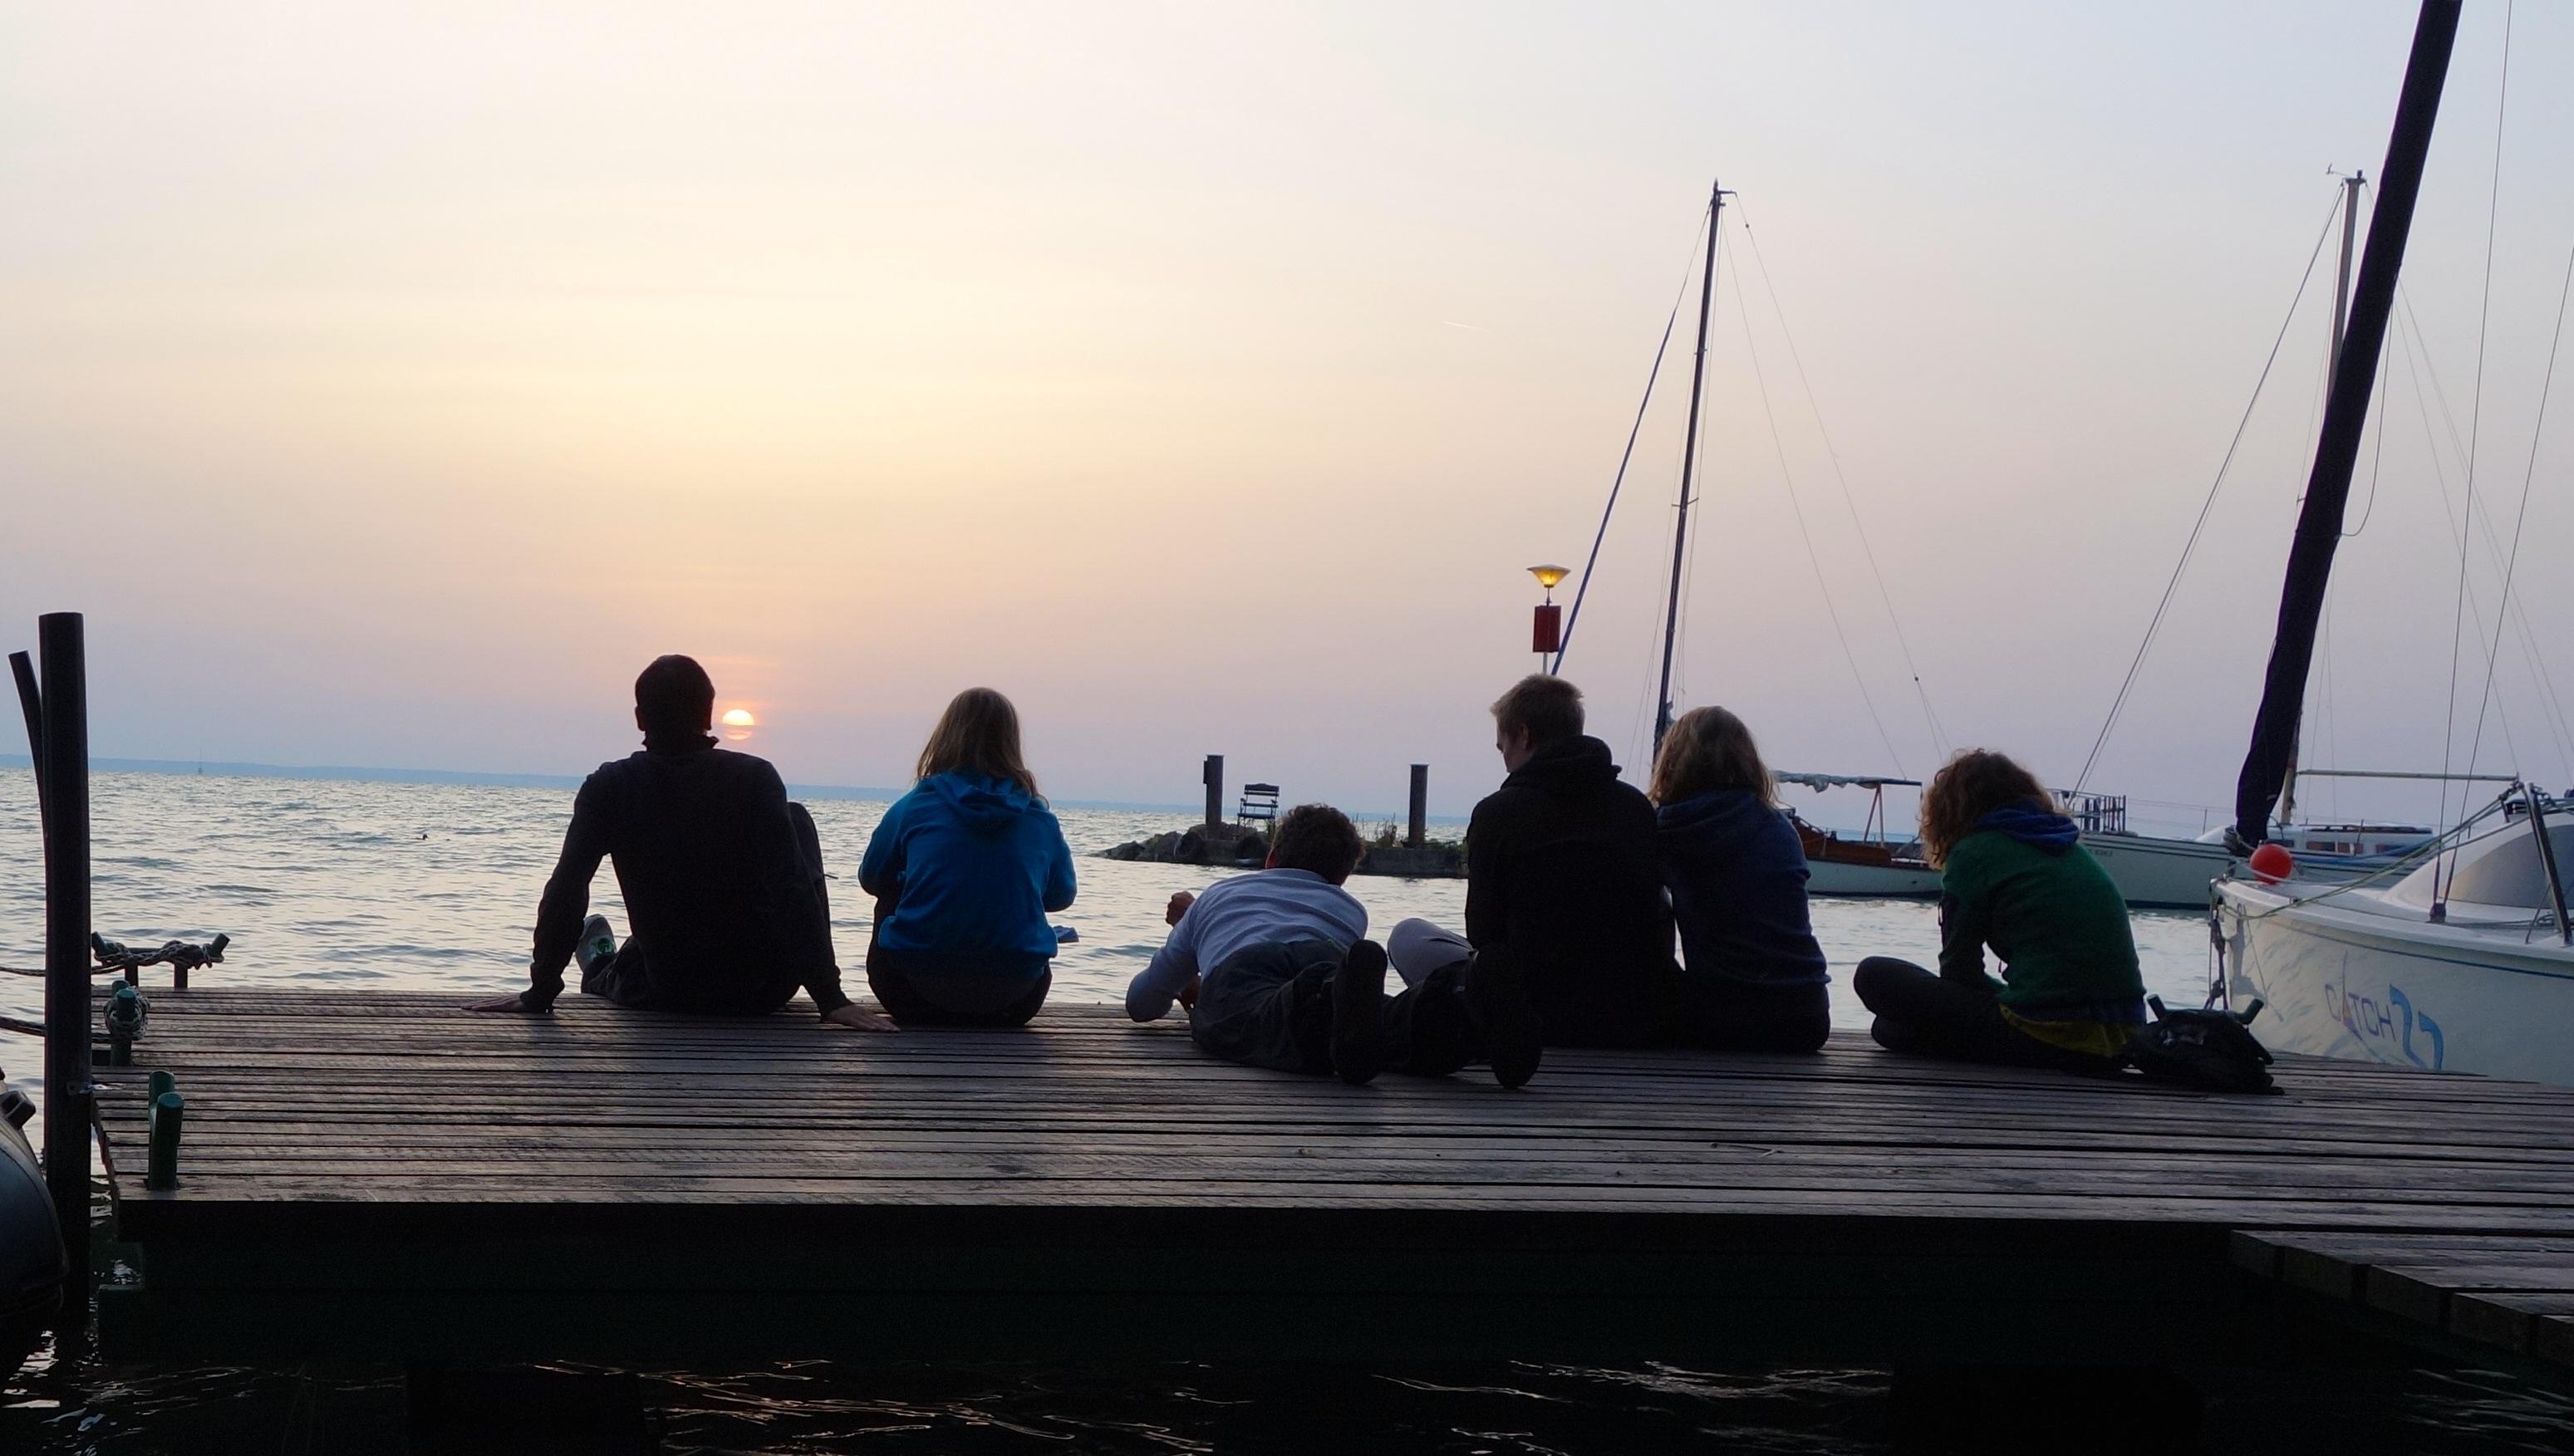 Gruppenbild - Sonnenaufgang